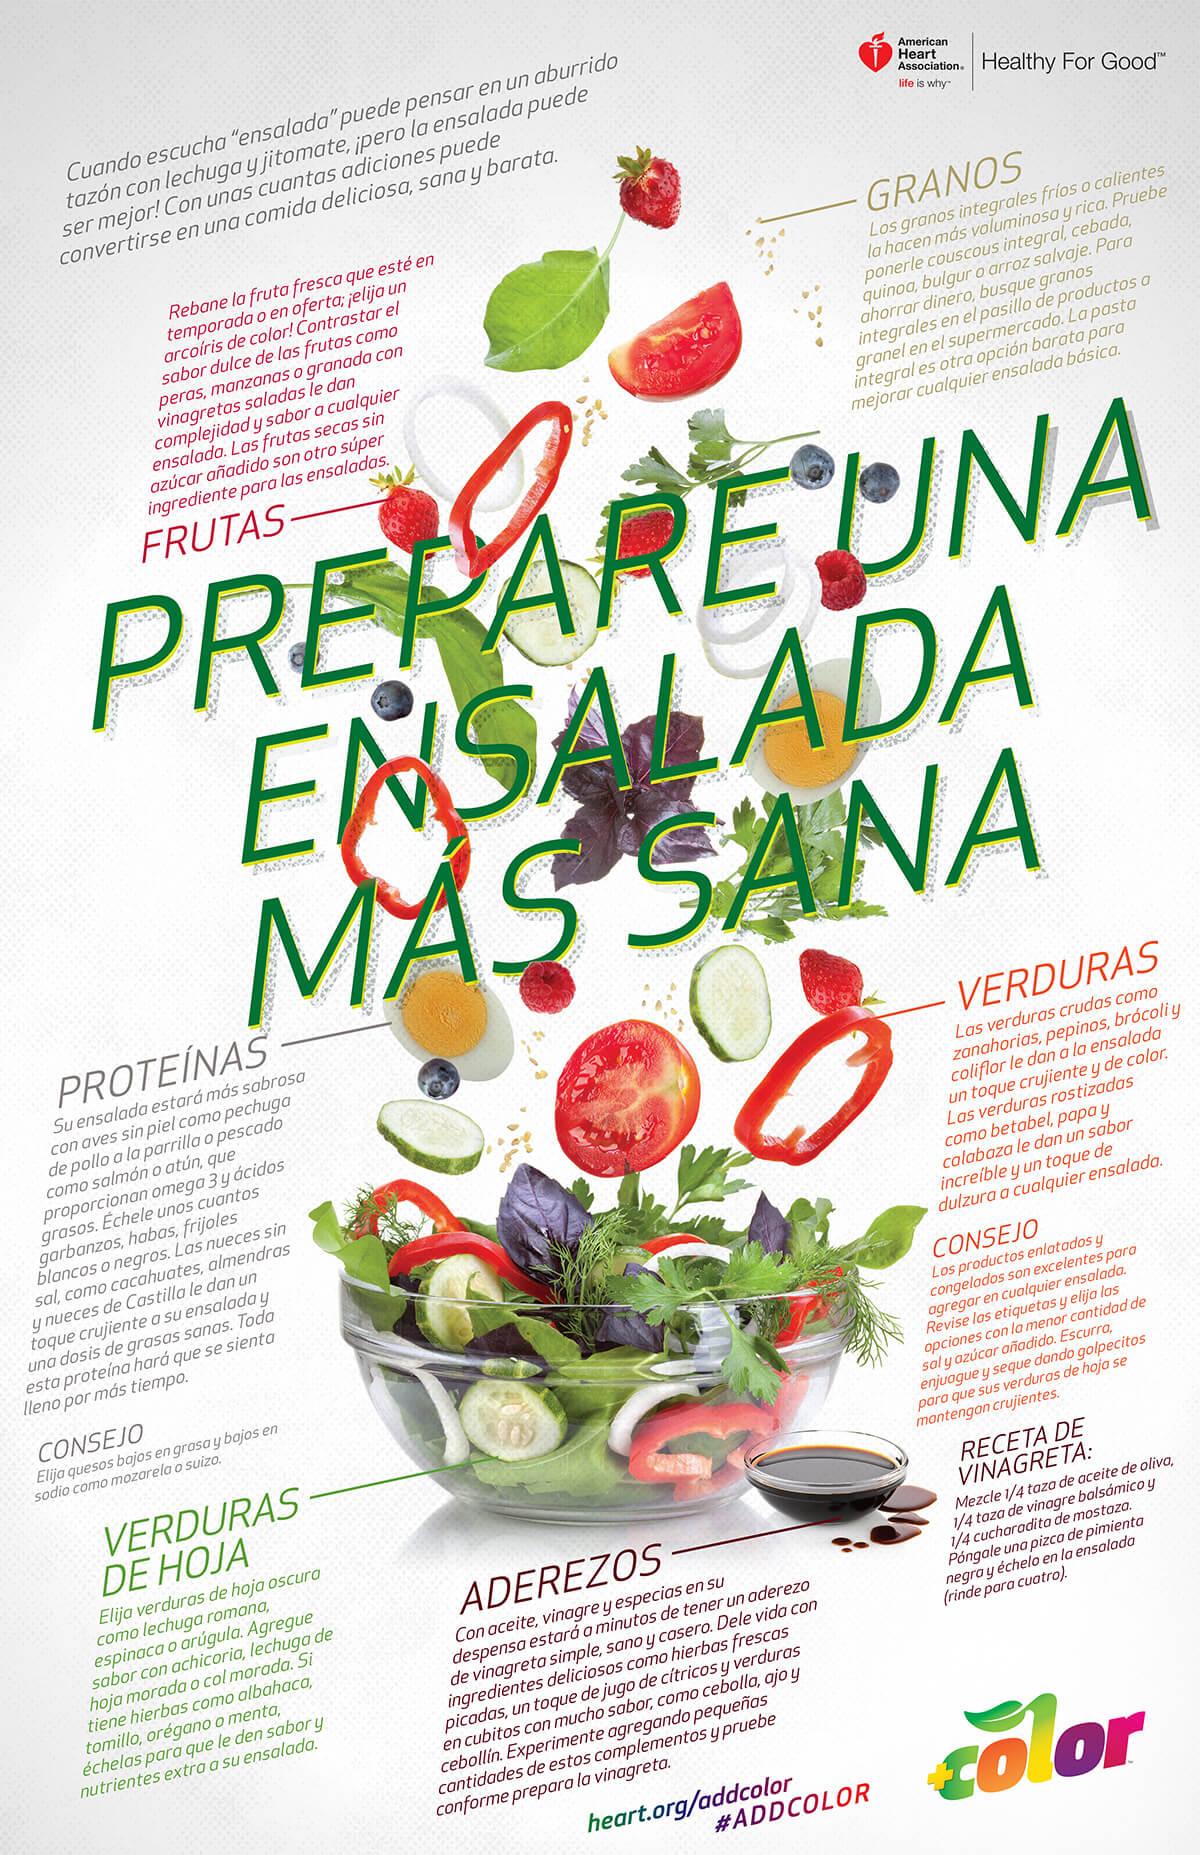 Prepare una ensalada más sana